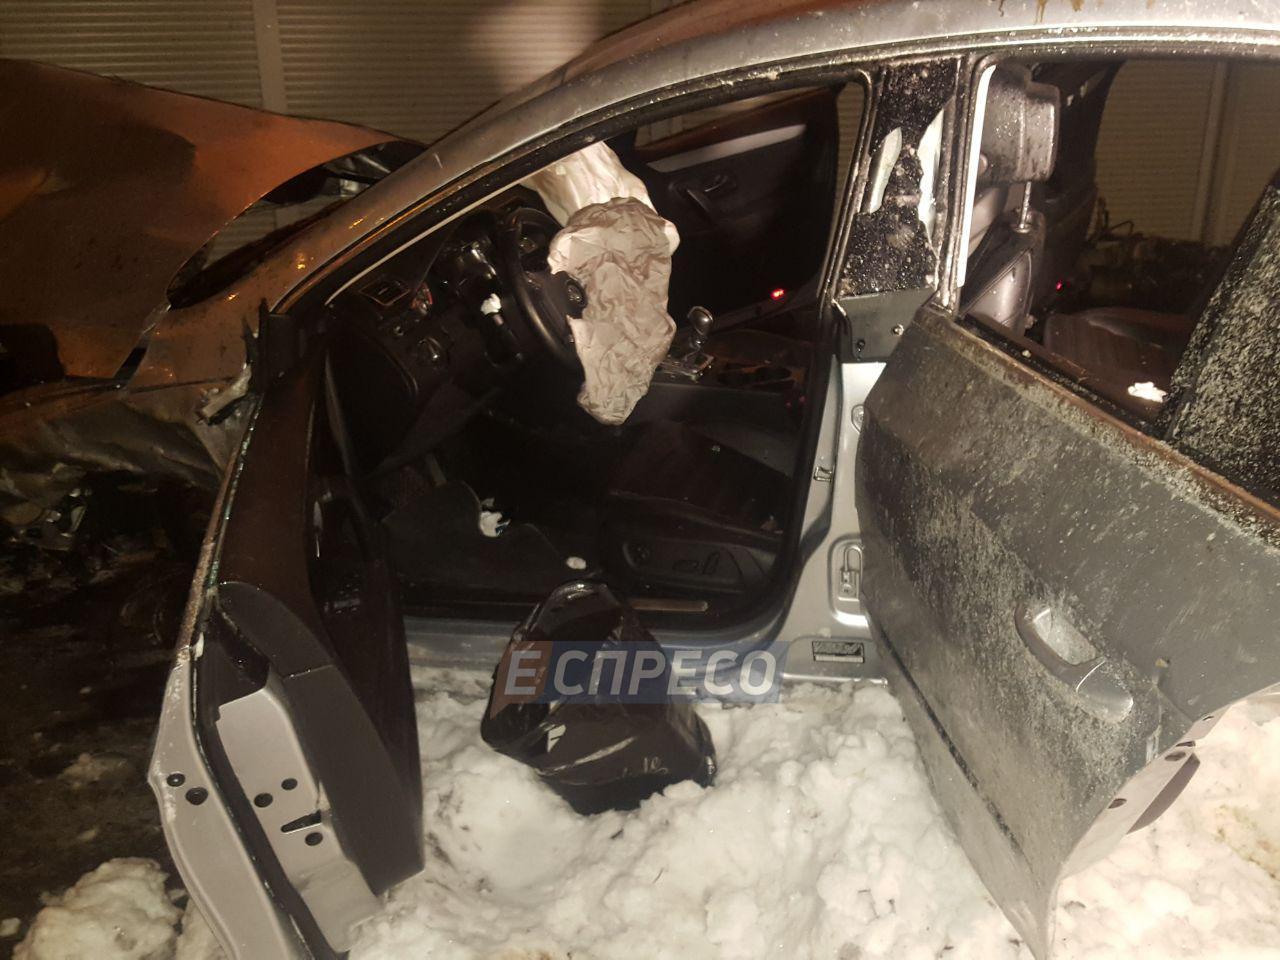 Каскадерские трюки. В Киеве авто слетело с 10-метровой высоты, есть пострадавшие, фото